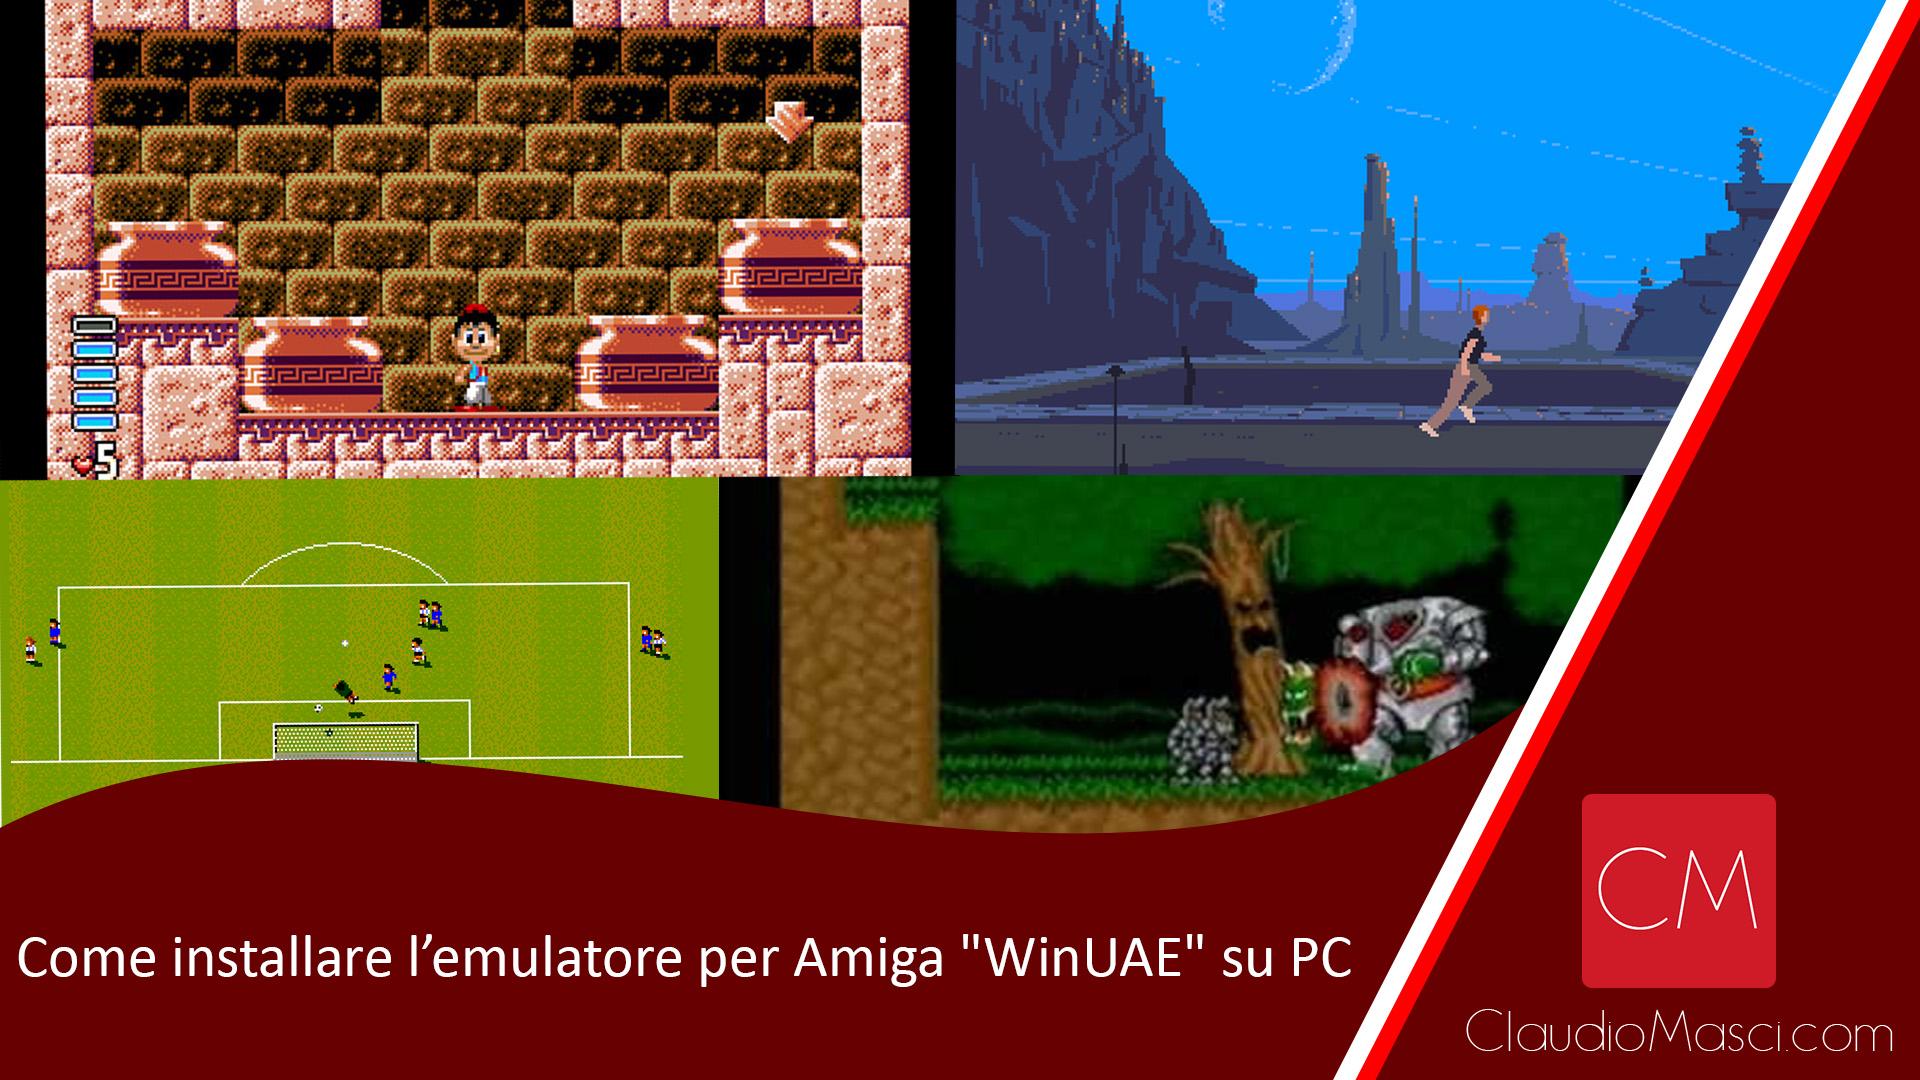 """Come installare l'emulatore per Amiga """"WinUAE"""" su PC"""